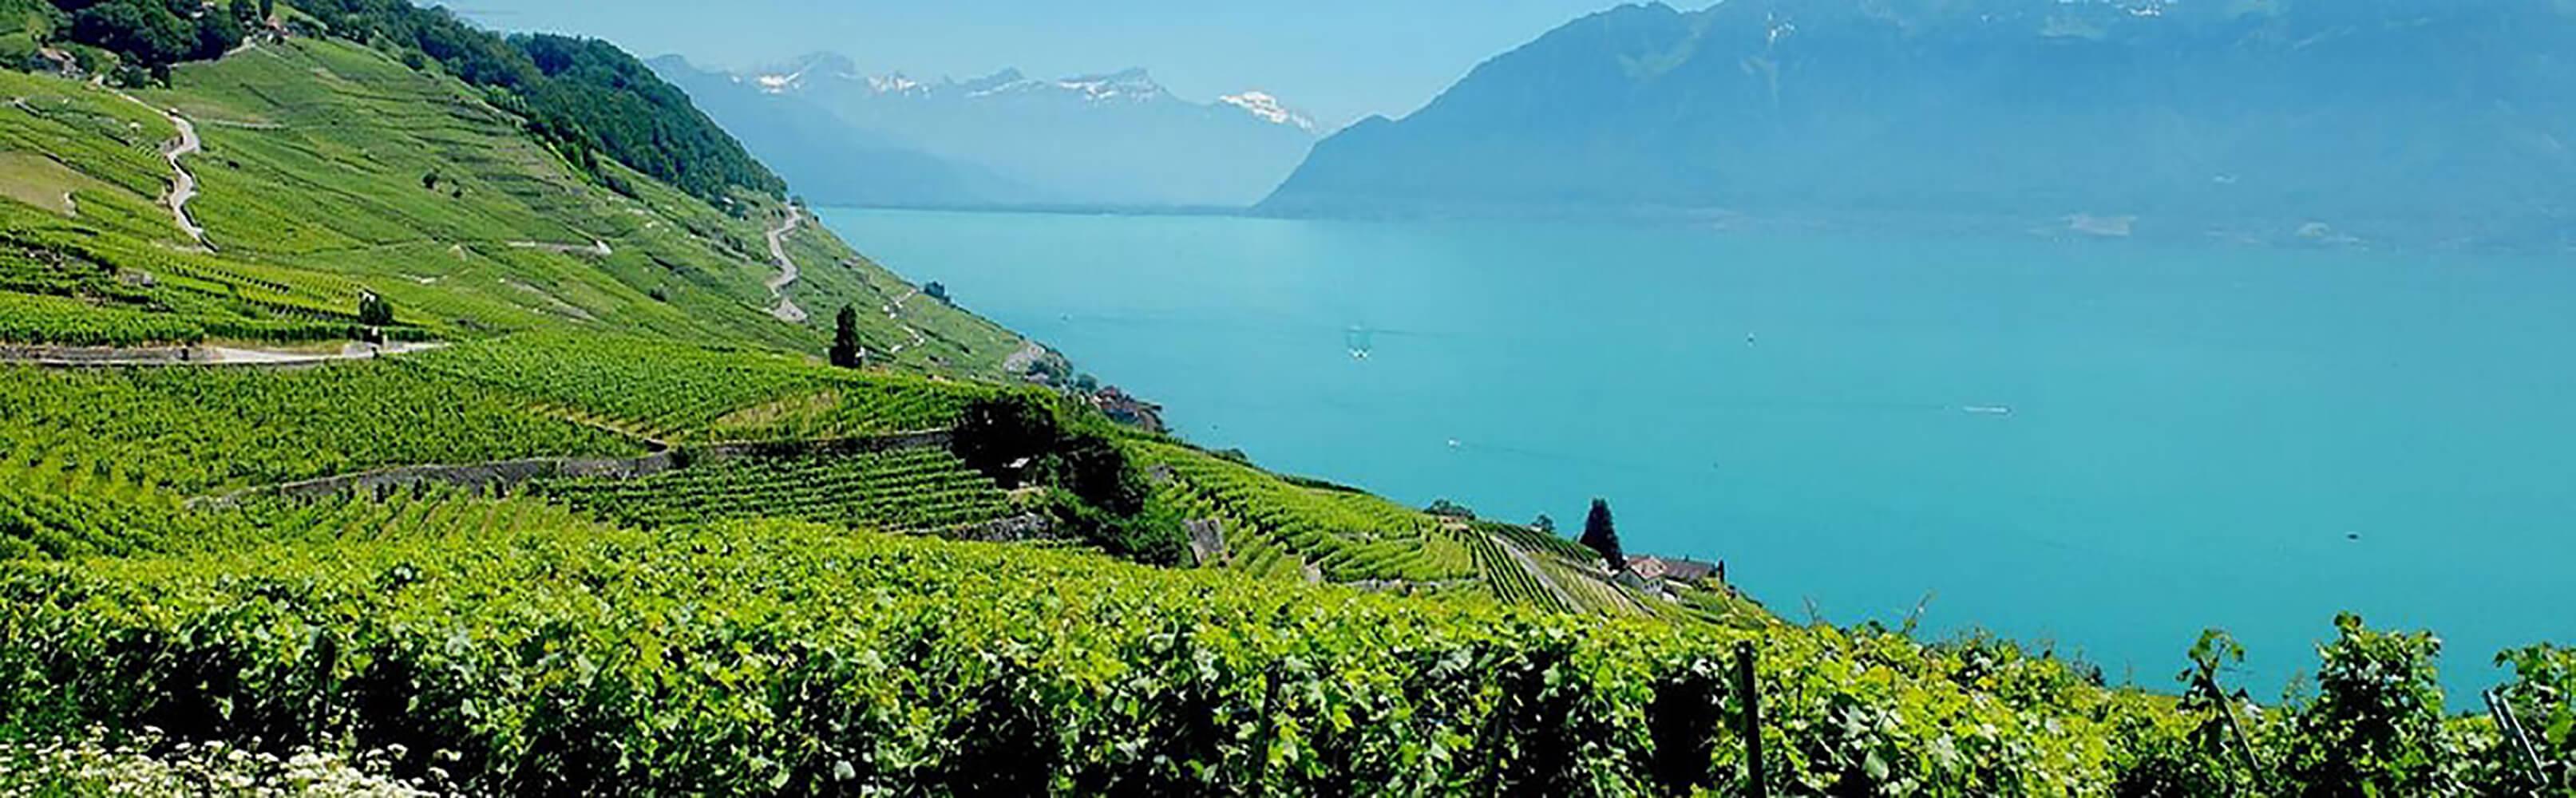 UNESCO-Weinterrassen von Lavaux 1